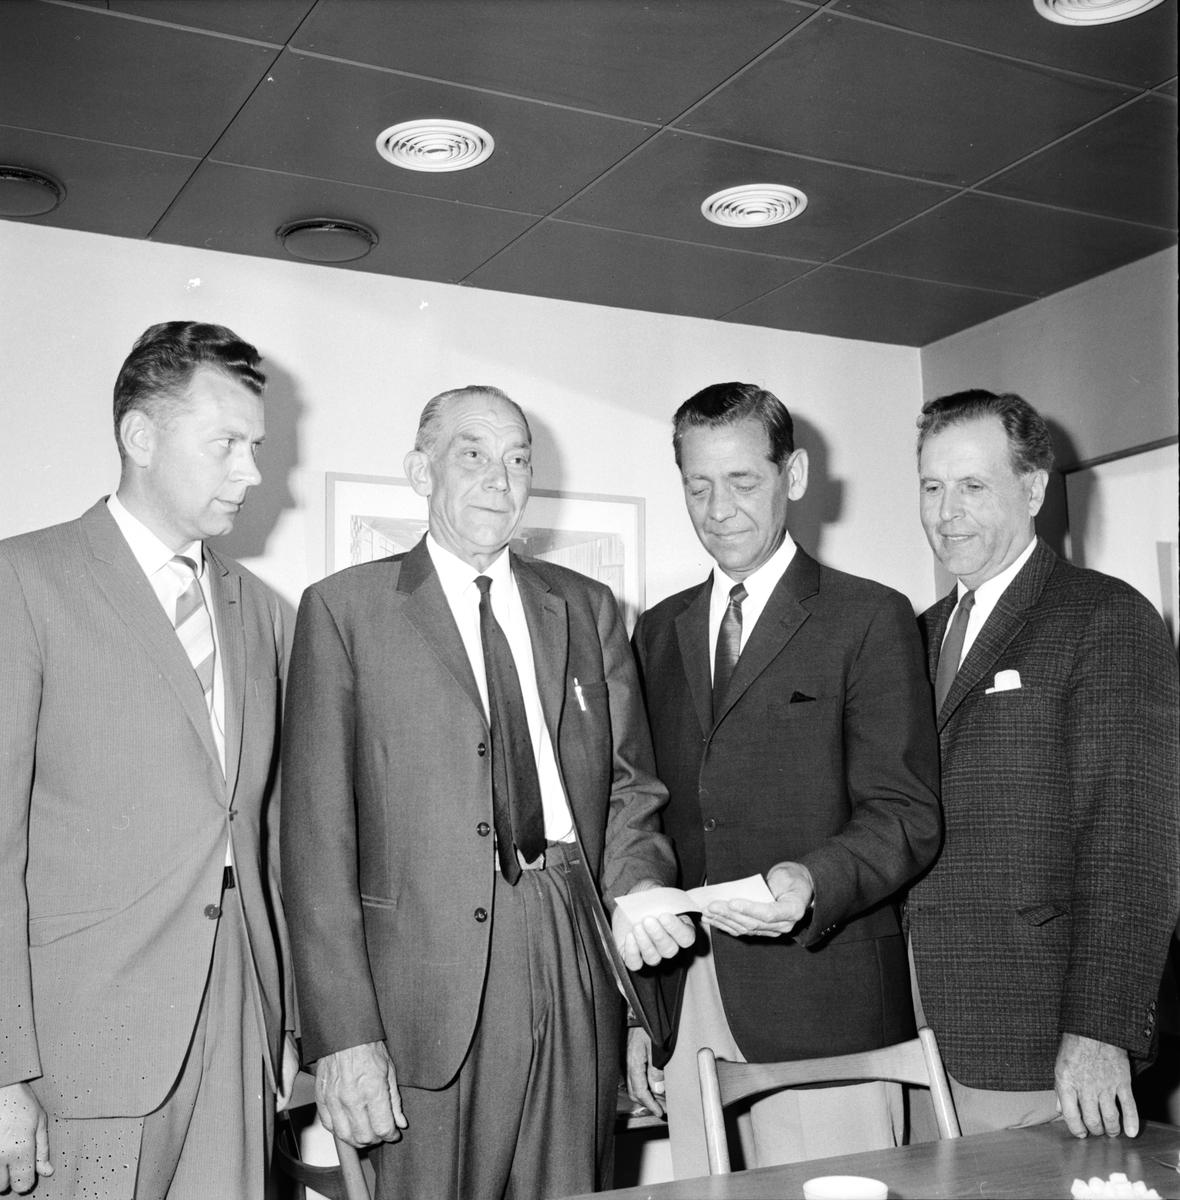 Brandförsäkringsskydd. Pengar till brandbrunnen. Bertil Nyberg, Erik Persson, H Bjerkelindh, Sidfrid Hansson. 10/6-1966